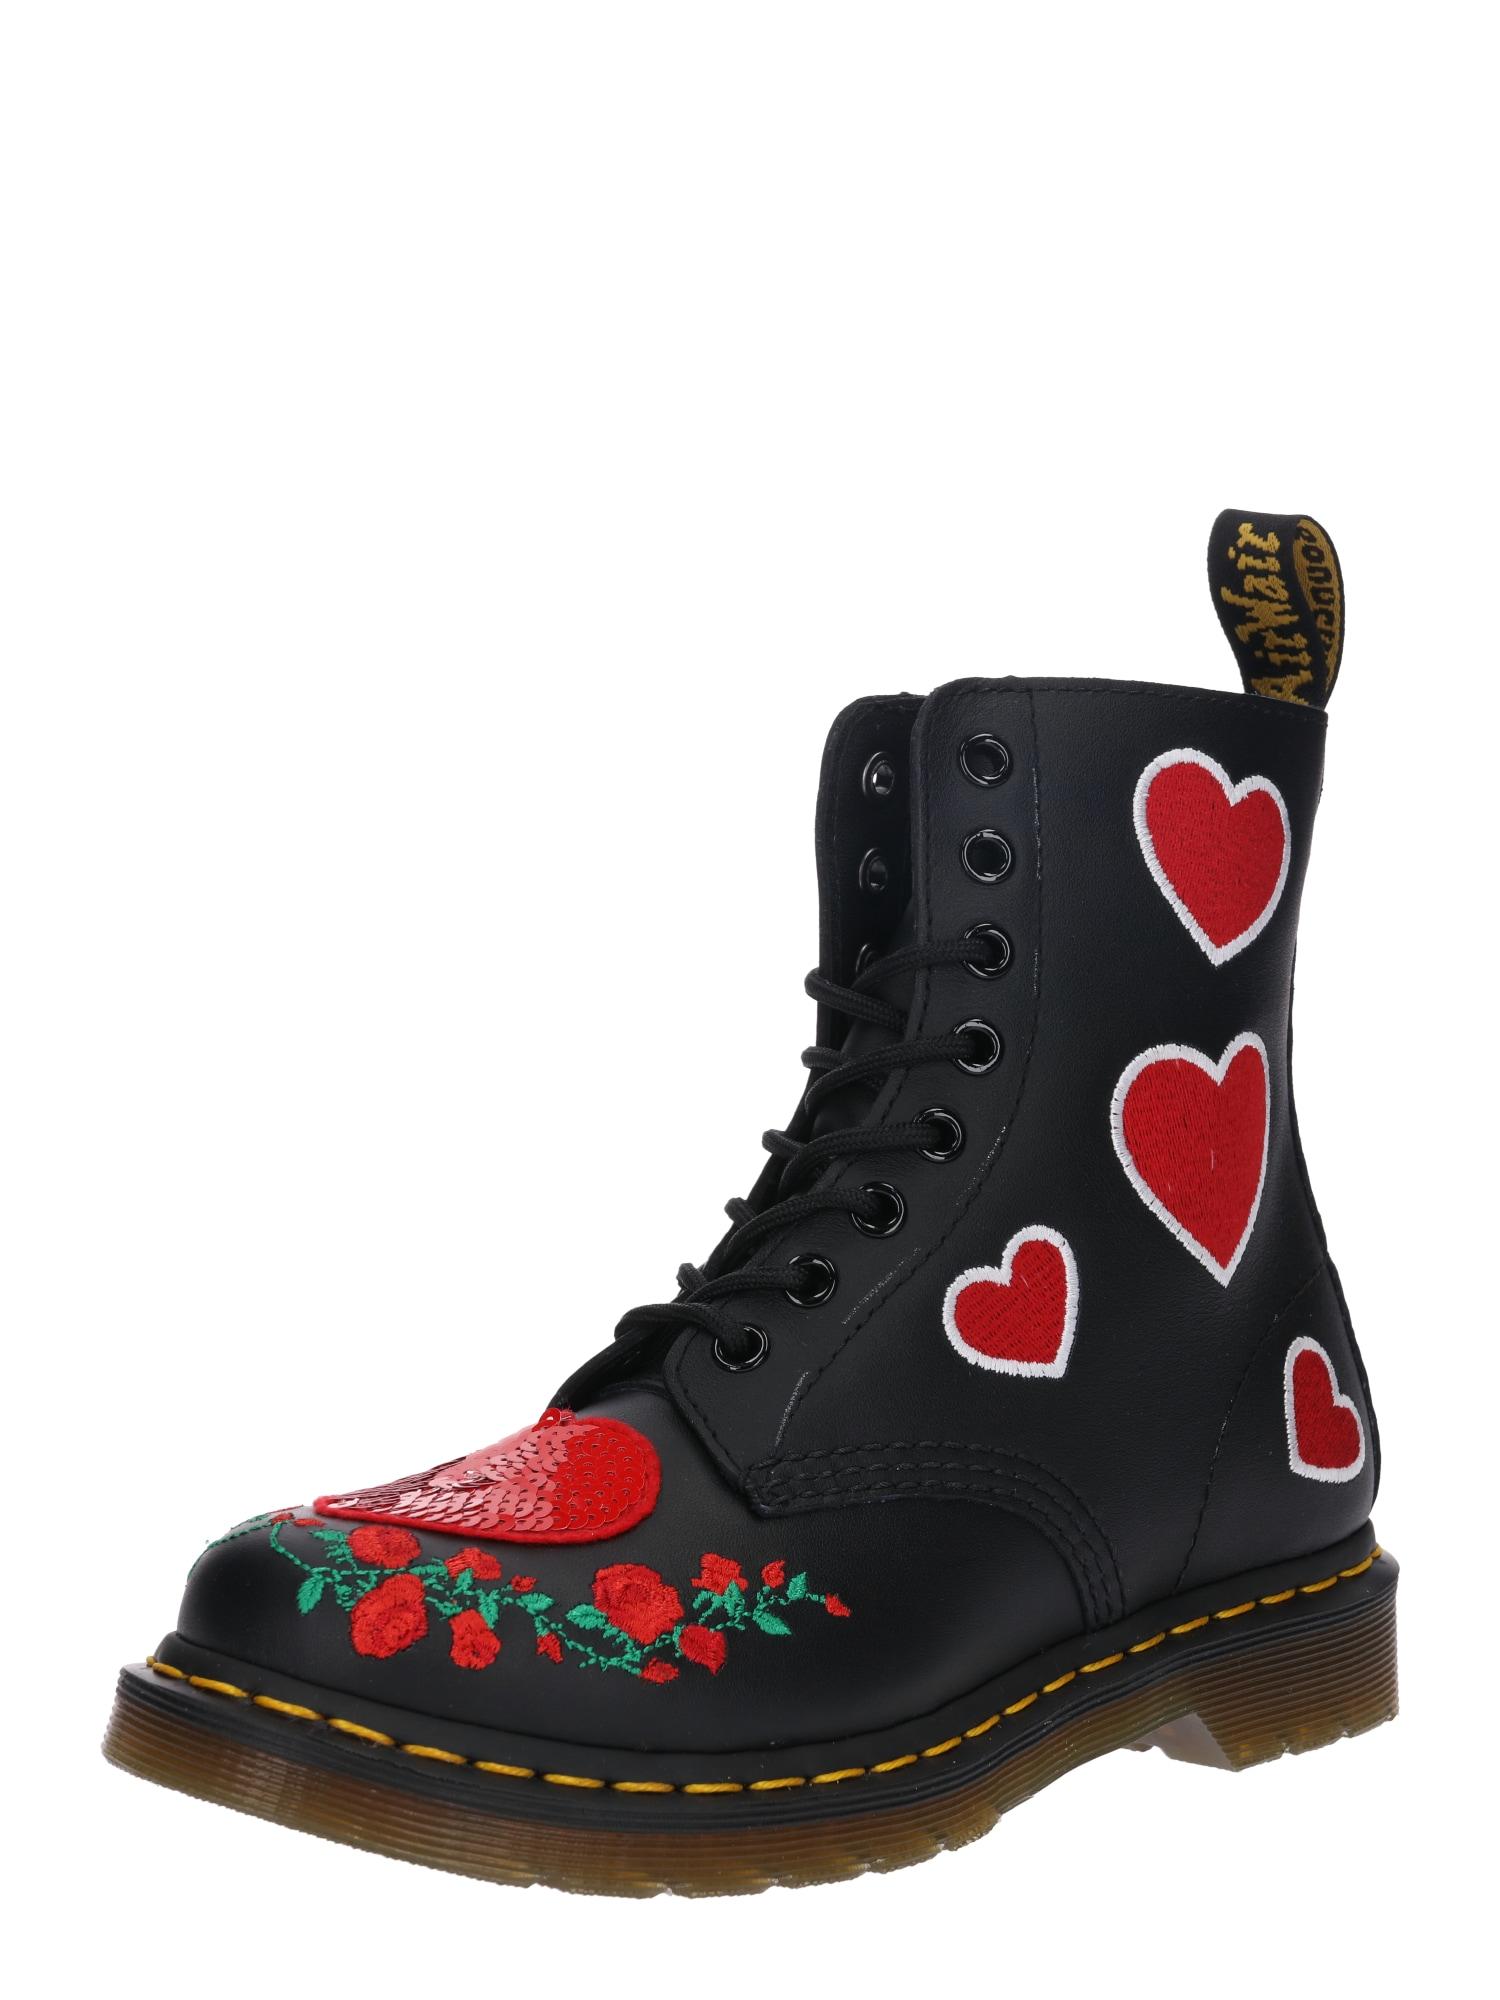 Kozačky 8 Eye Boot Pascal Hearts červená černá Dr. Martens